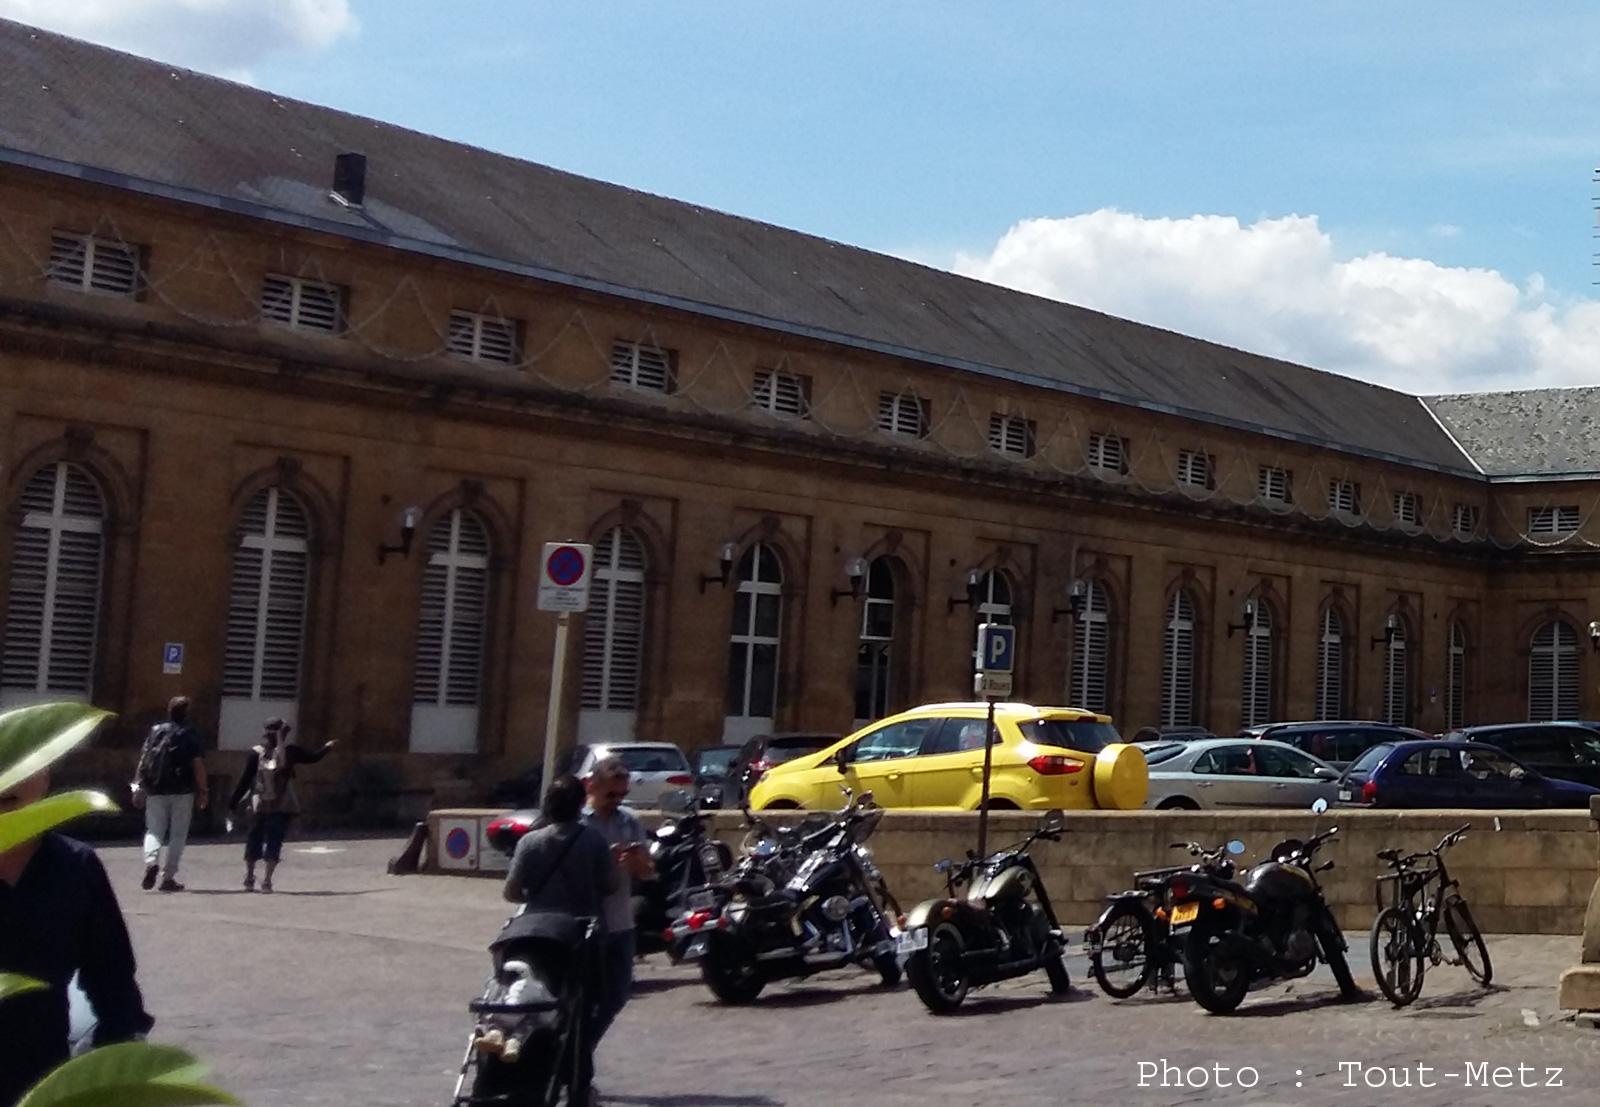 Metz : la cour du Marché Couvert définitivement interdite aux voitures